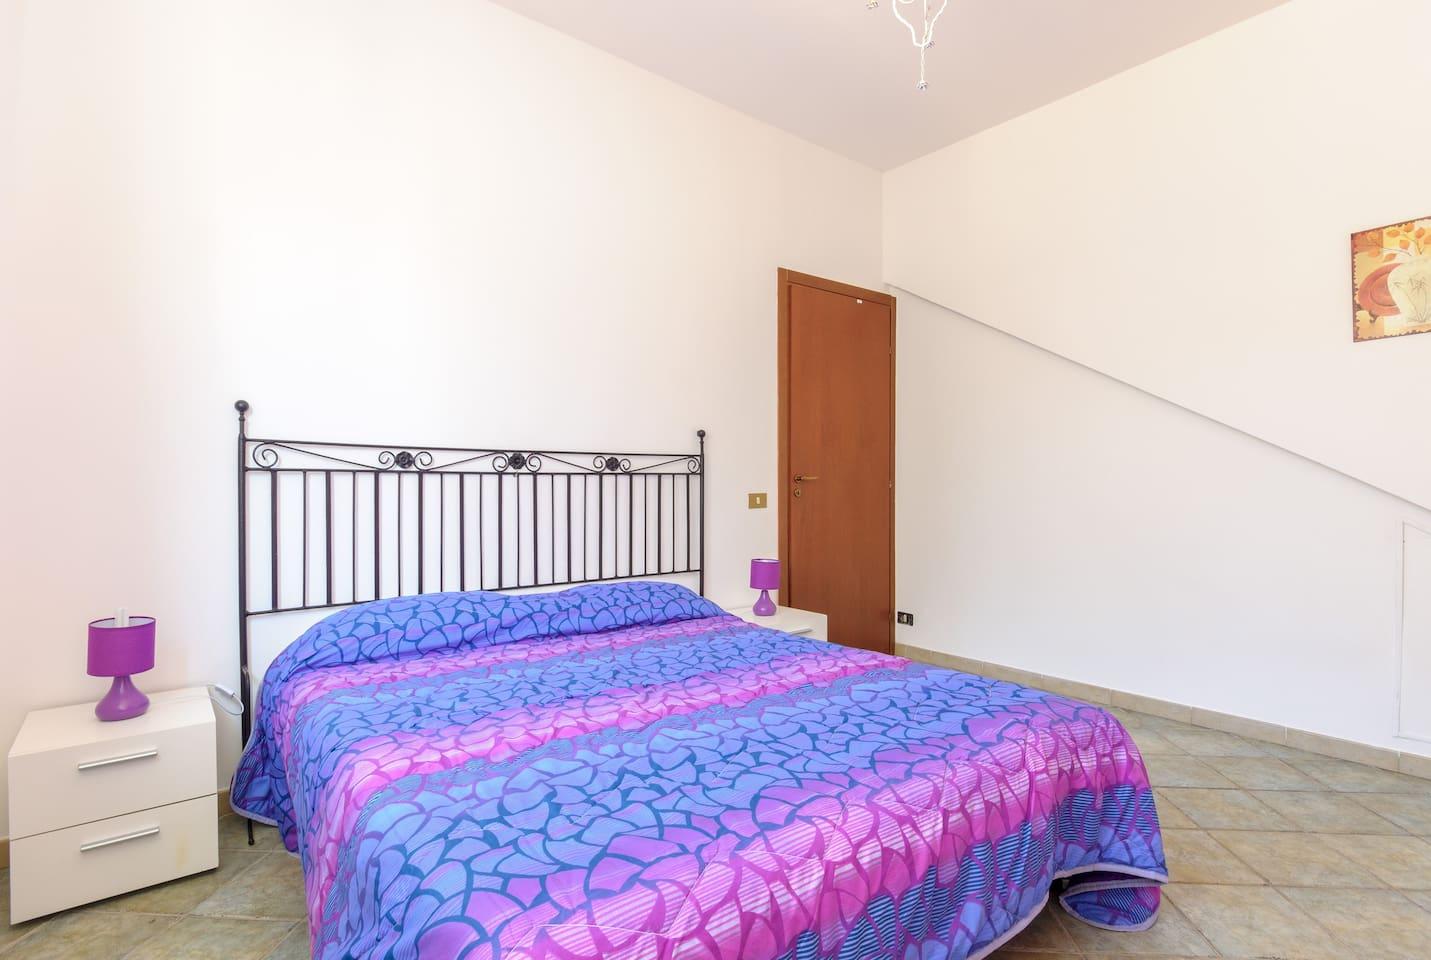 CAMERA MATRIMONIALE climatizzata con possibile terzo letto